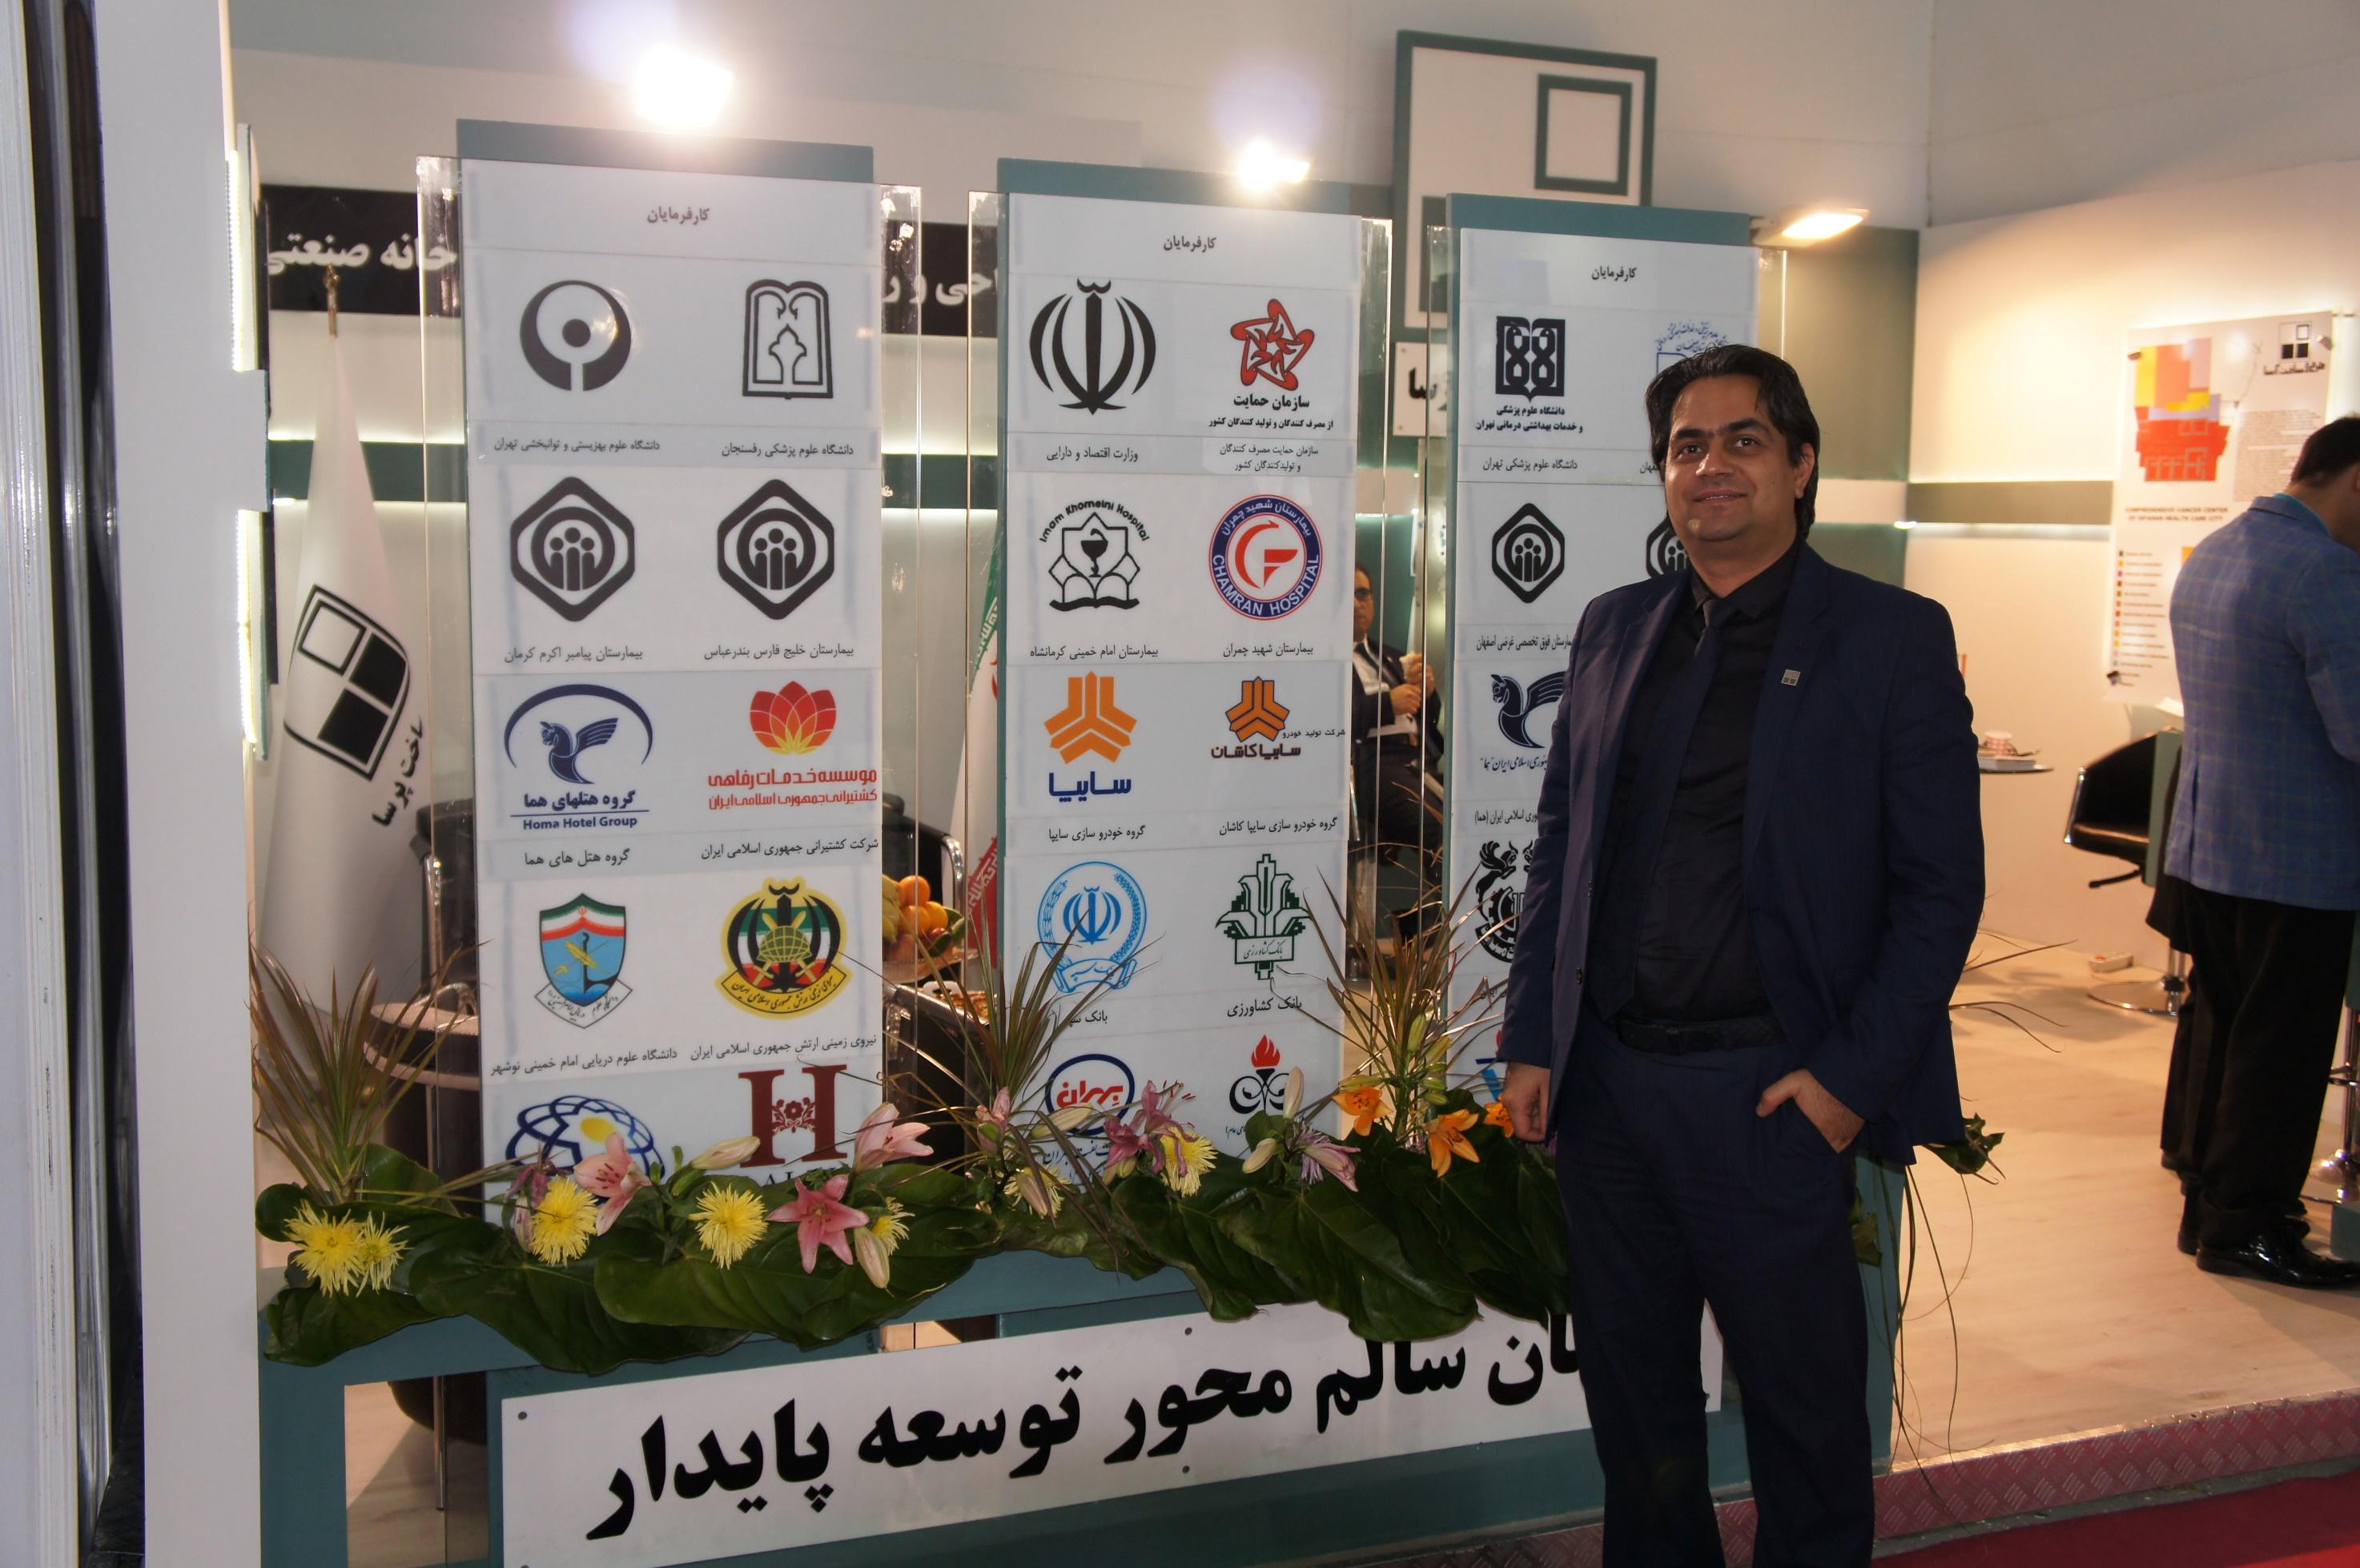 سومین نمایشگاه بین المللی بیمارستان سازی، تجهیزات و تاسیسات بیمارستانی تهران